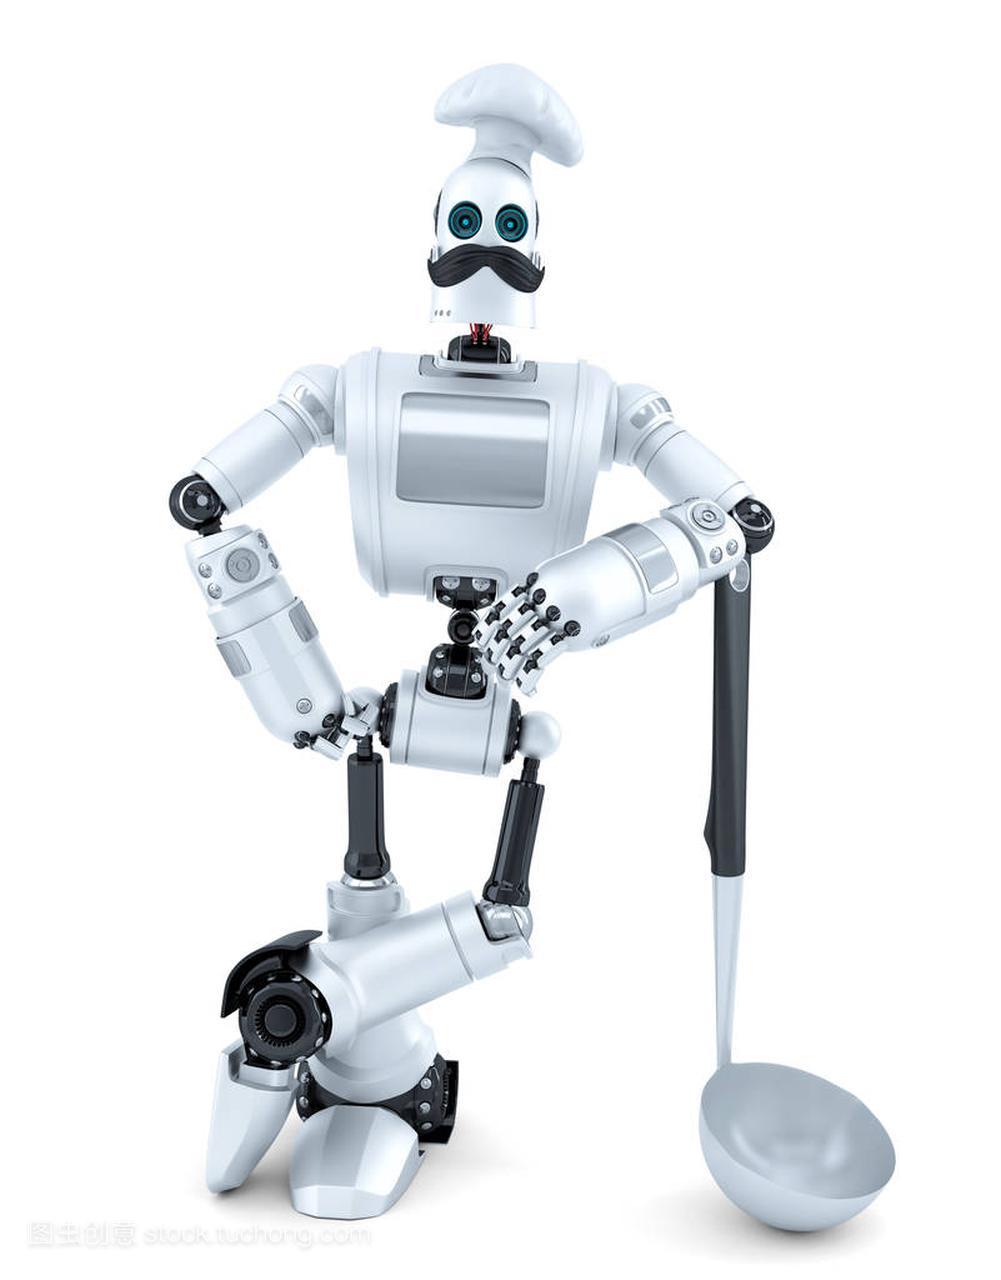 机器人汤包用造型摆视频。3d插图。孤立.包含侠厨师僵尸图片